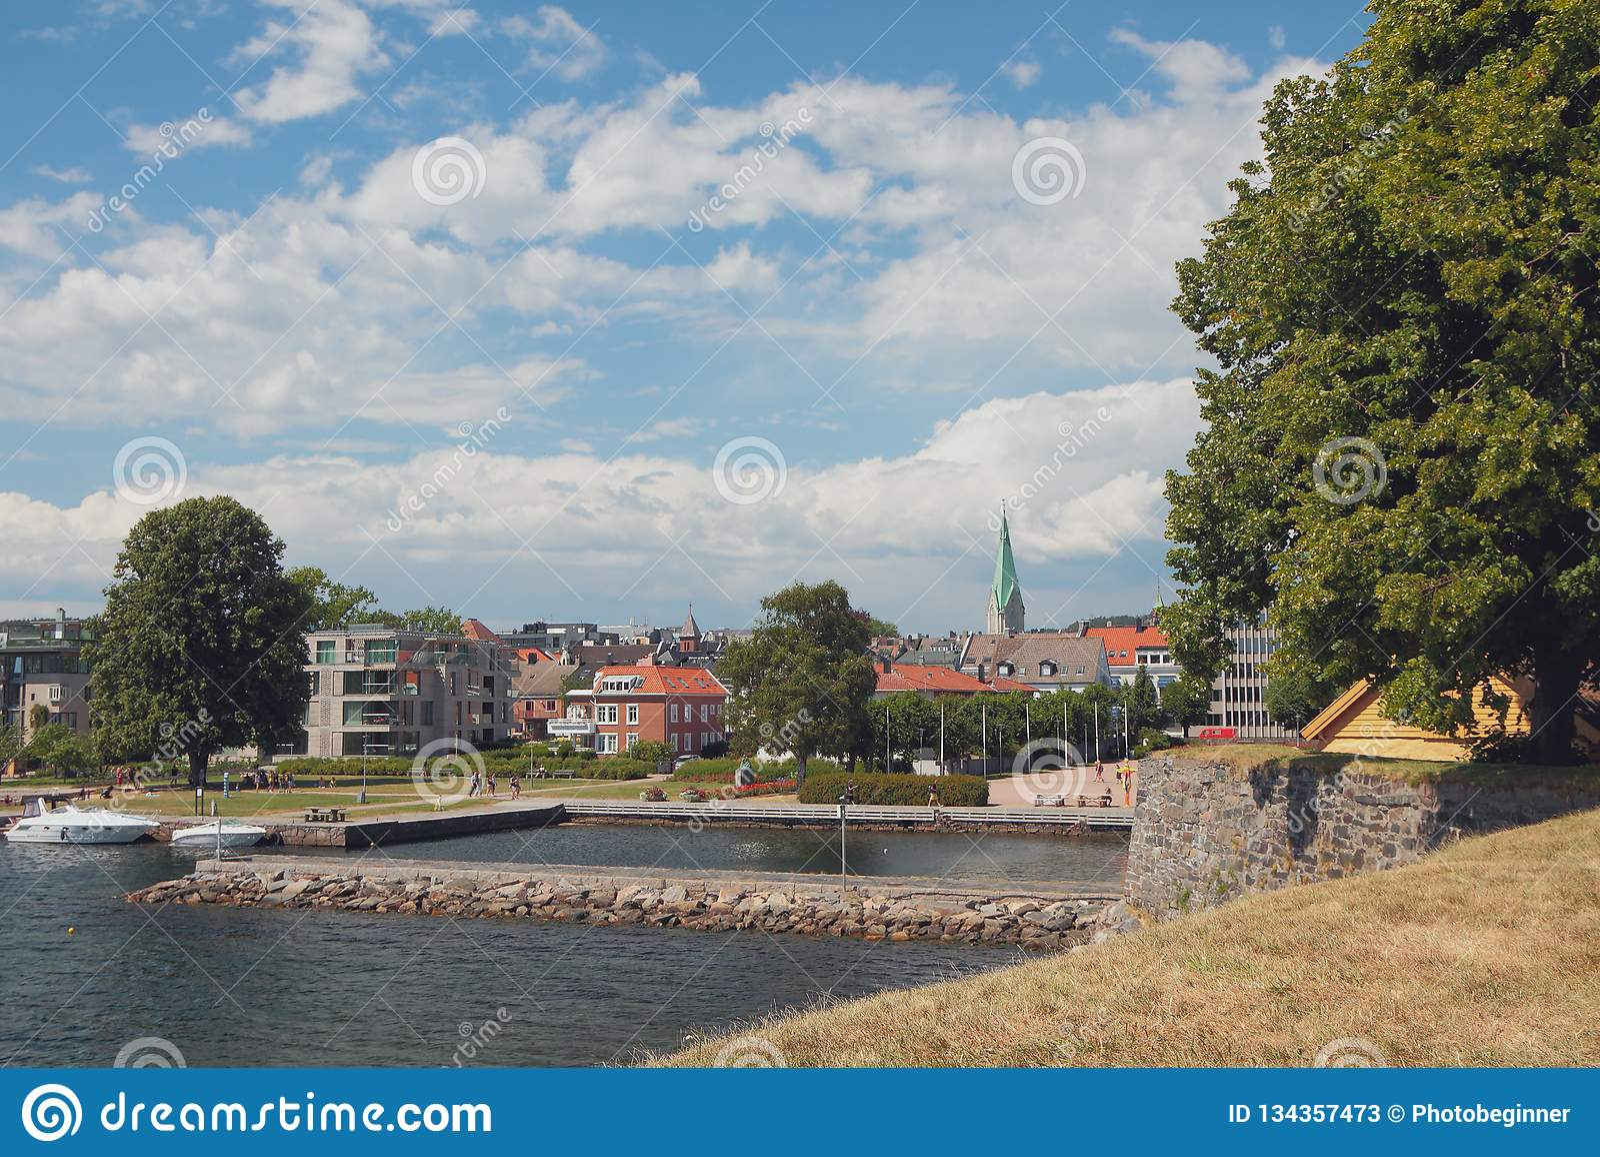 Vista de la ciudad de Kristiansholm Kristiansand, Noruega